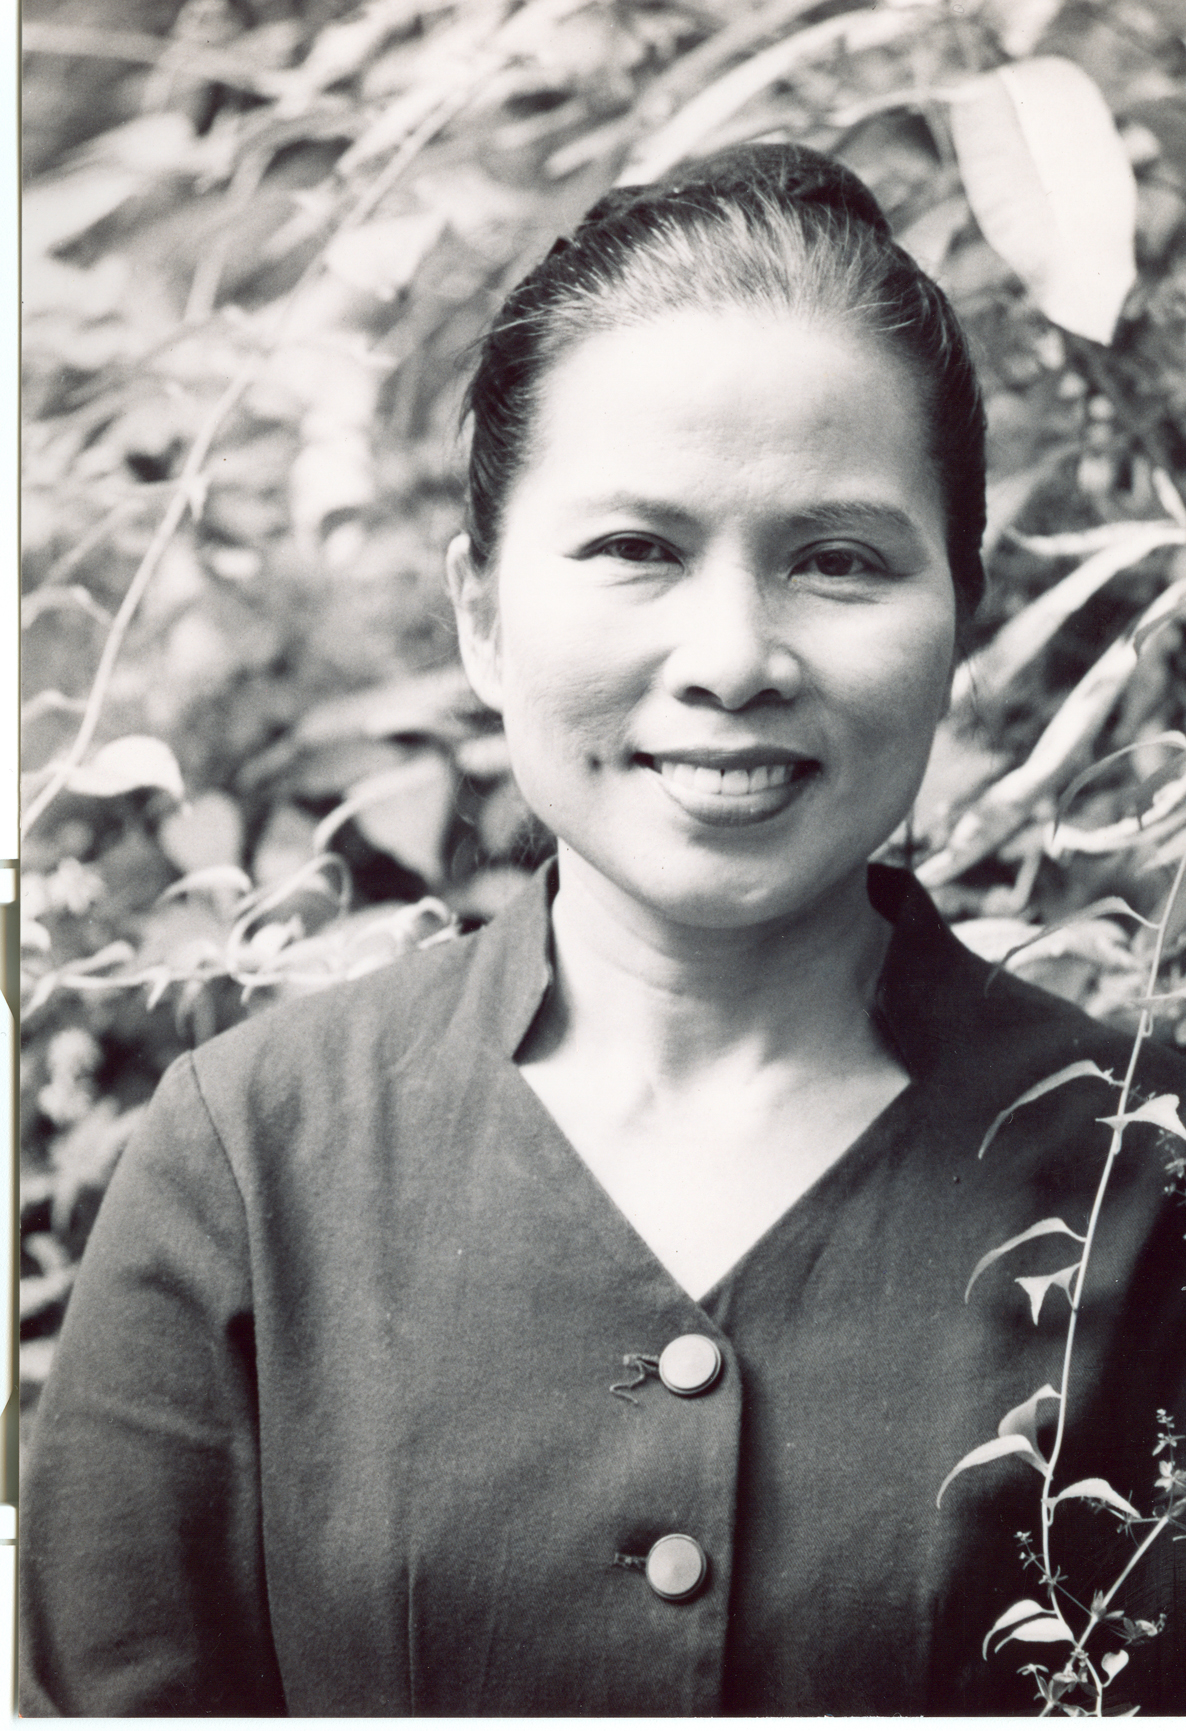 Kamala Tiyavanich